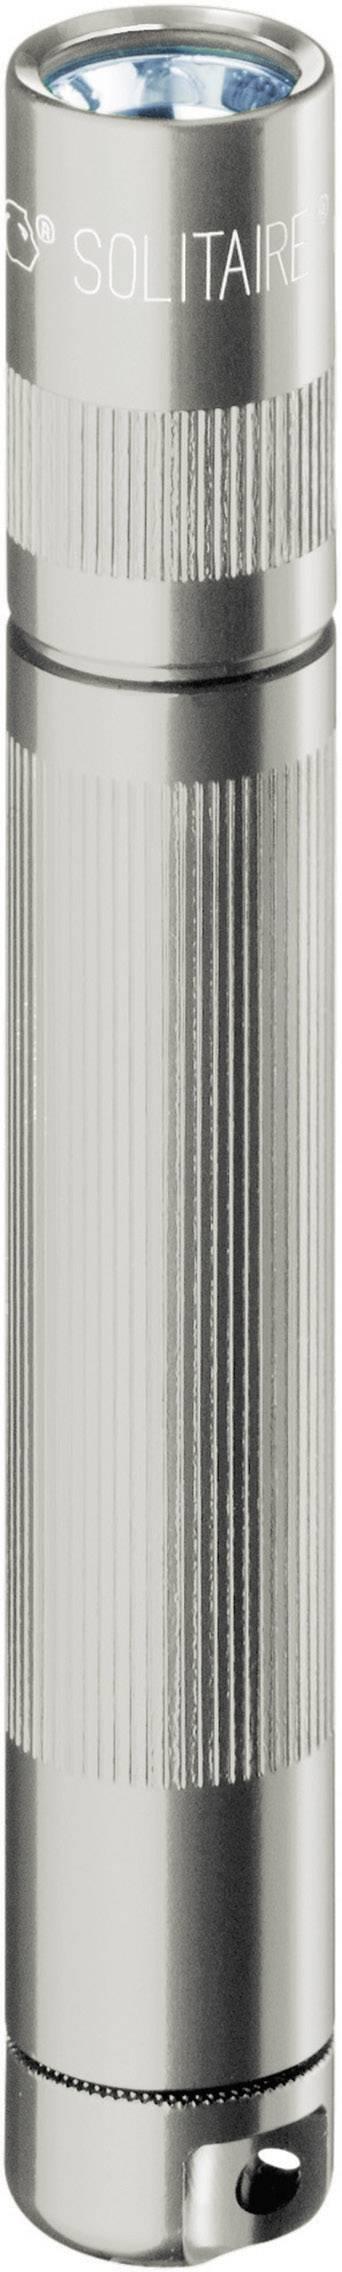 Svietidlo na kľúčenku Mag-Lite Solitaire LED, šedé